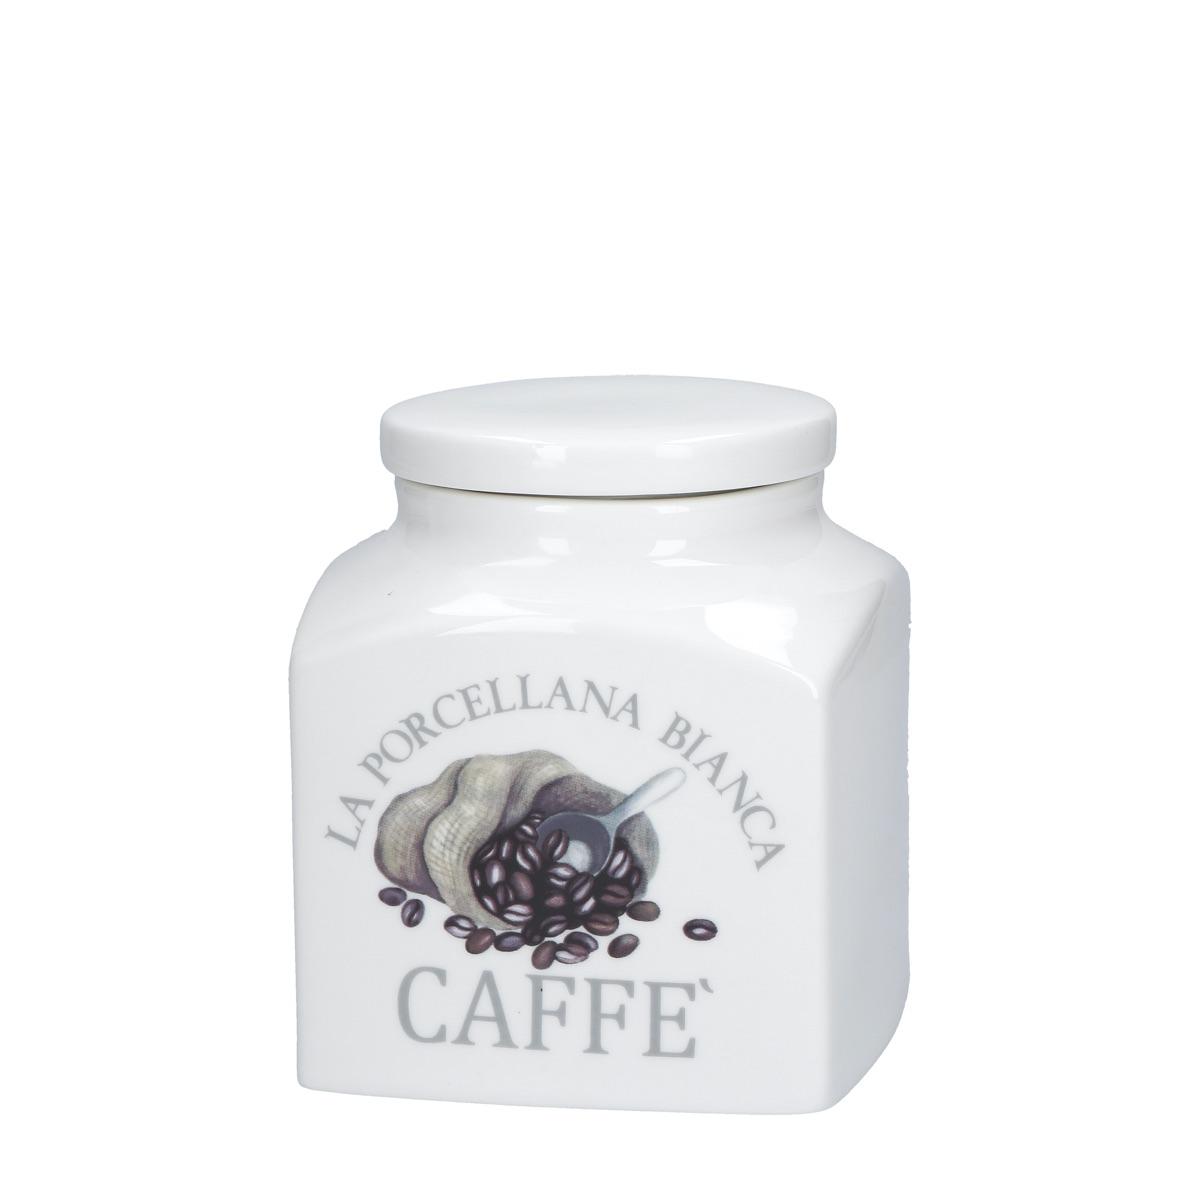 Conserva barattolo déco caffè